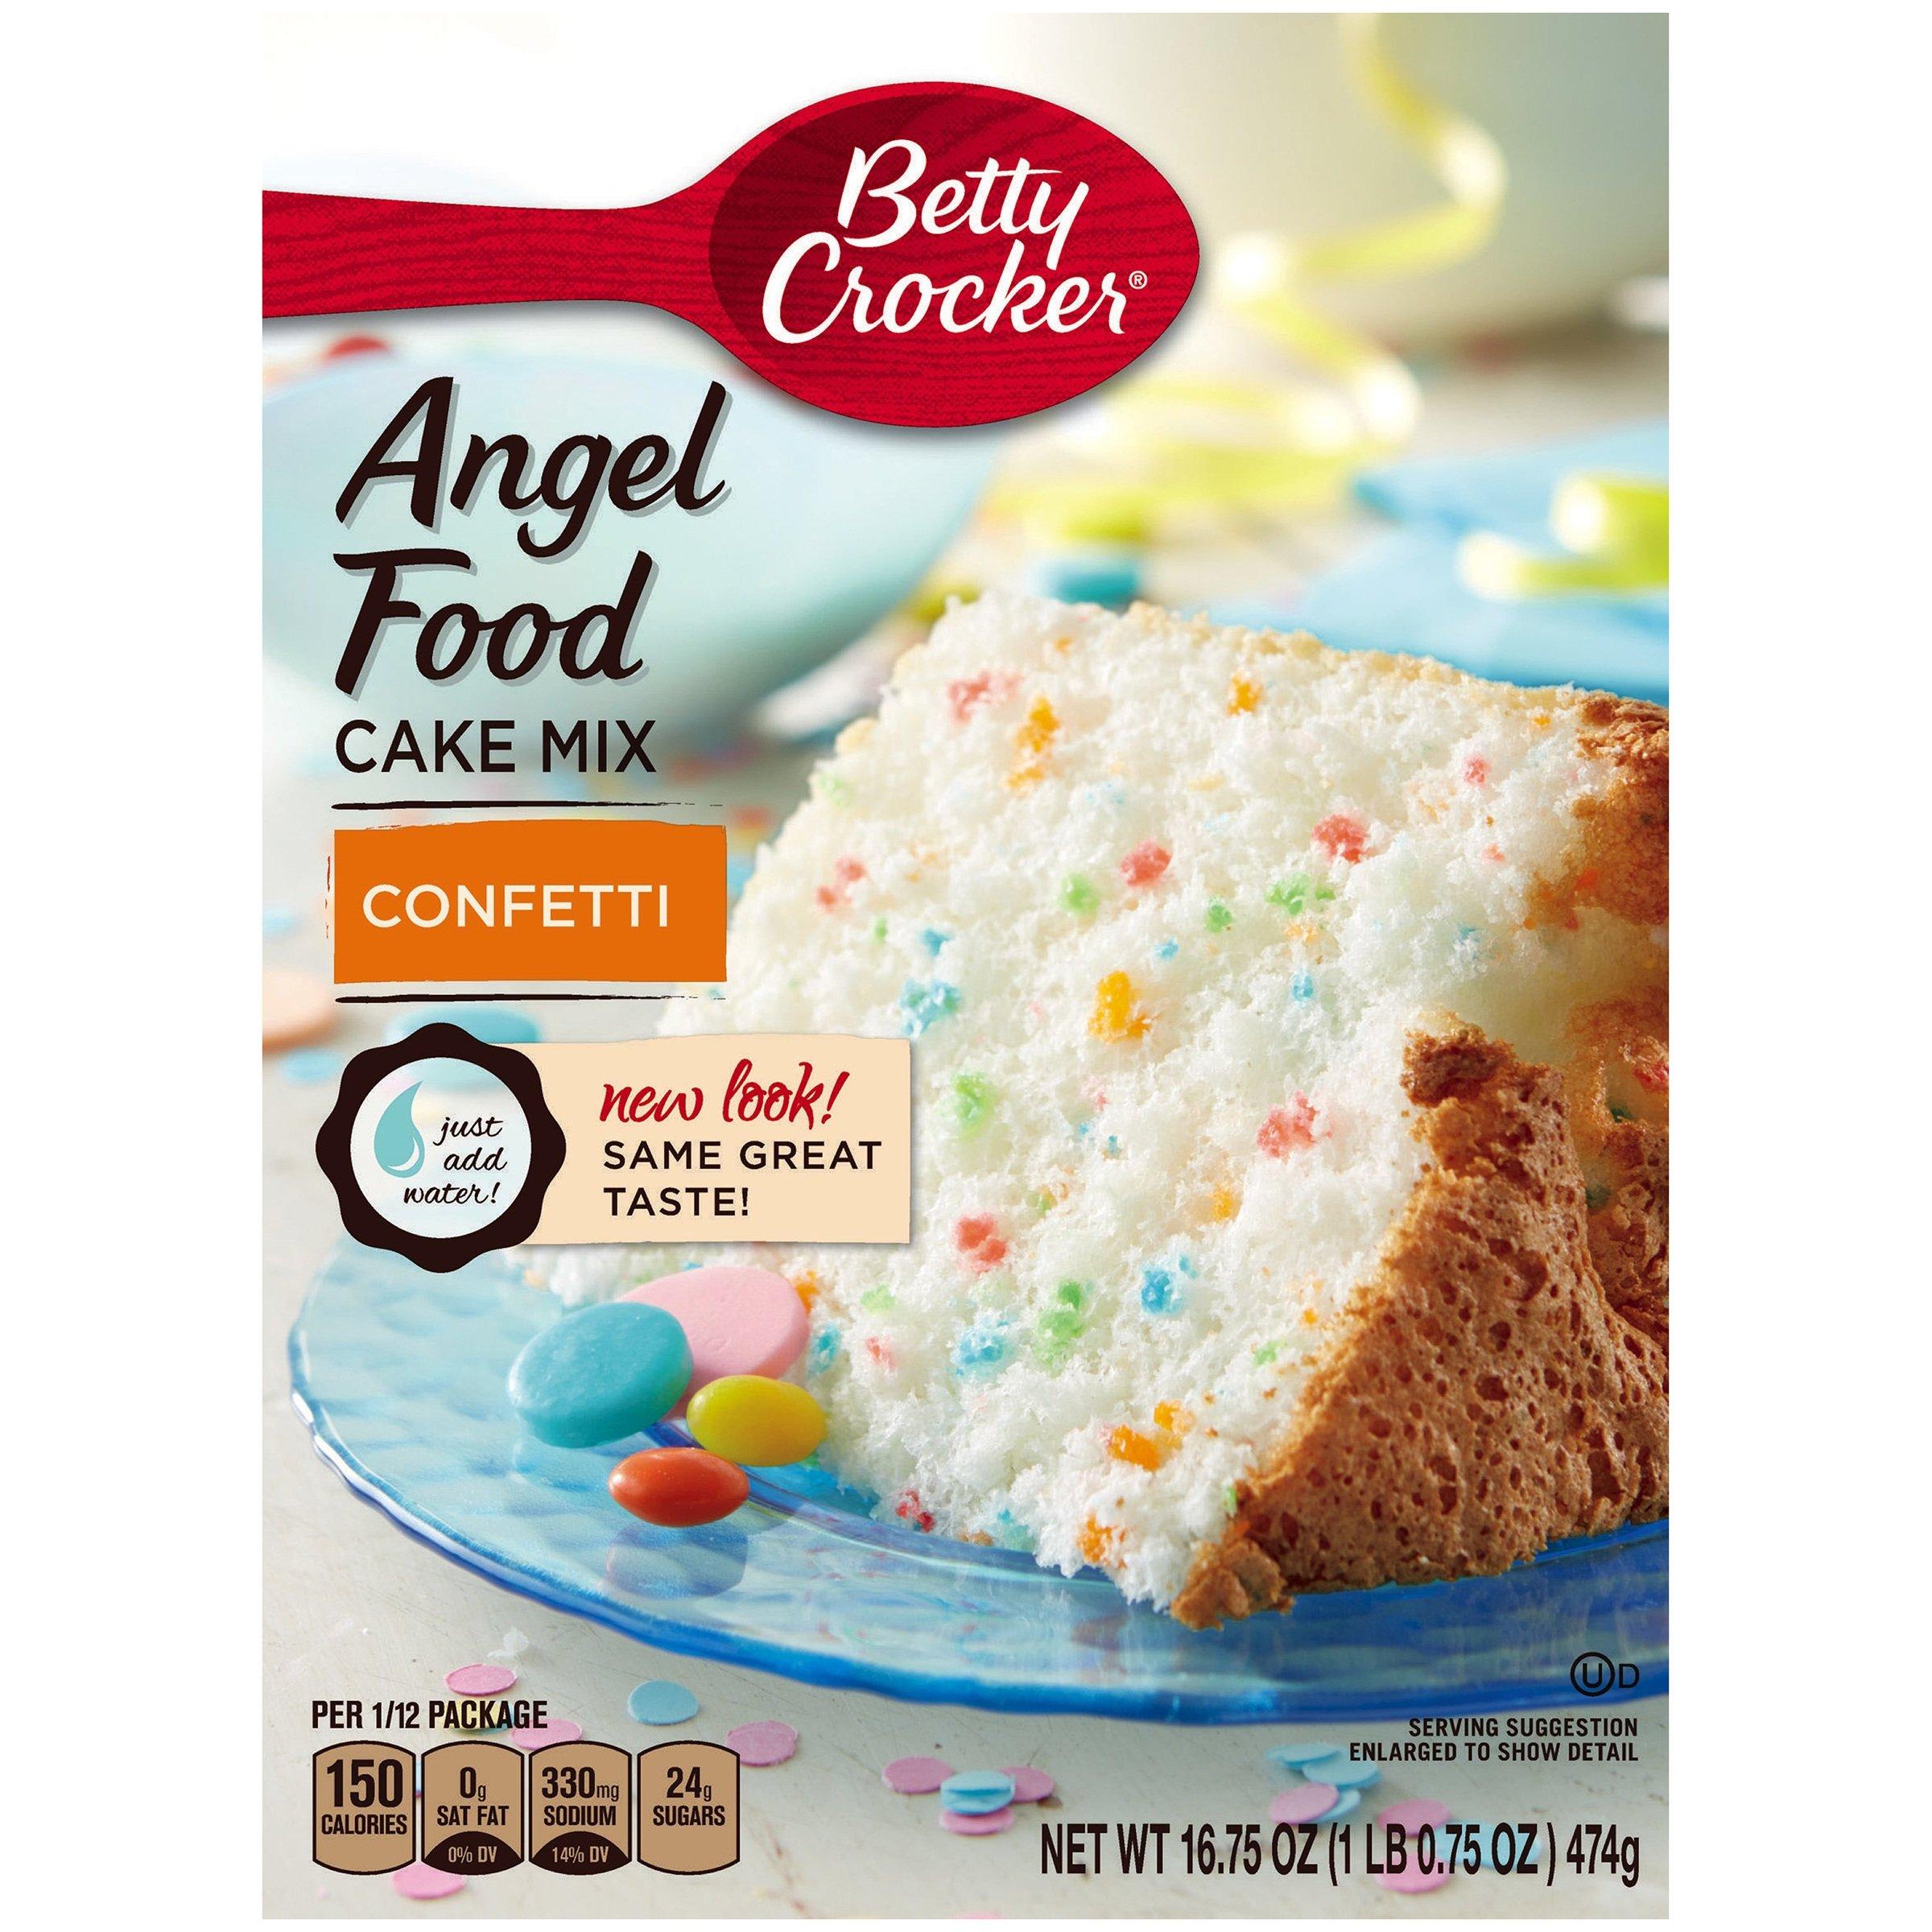 Betty Crocker Baking Mix, Fat Free Angel Food Cake Mix, Confetti, 16.75 Oz Box (Pack of 12) by Betty Crocker